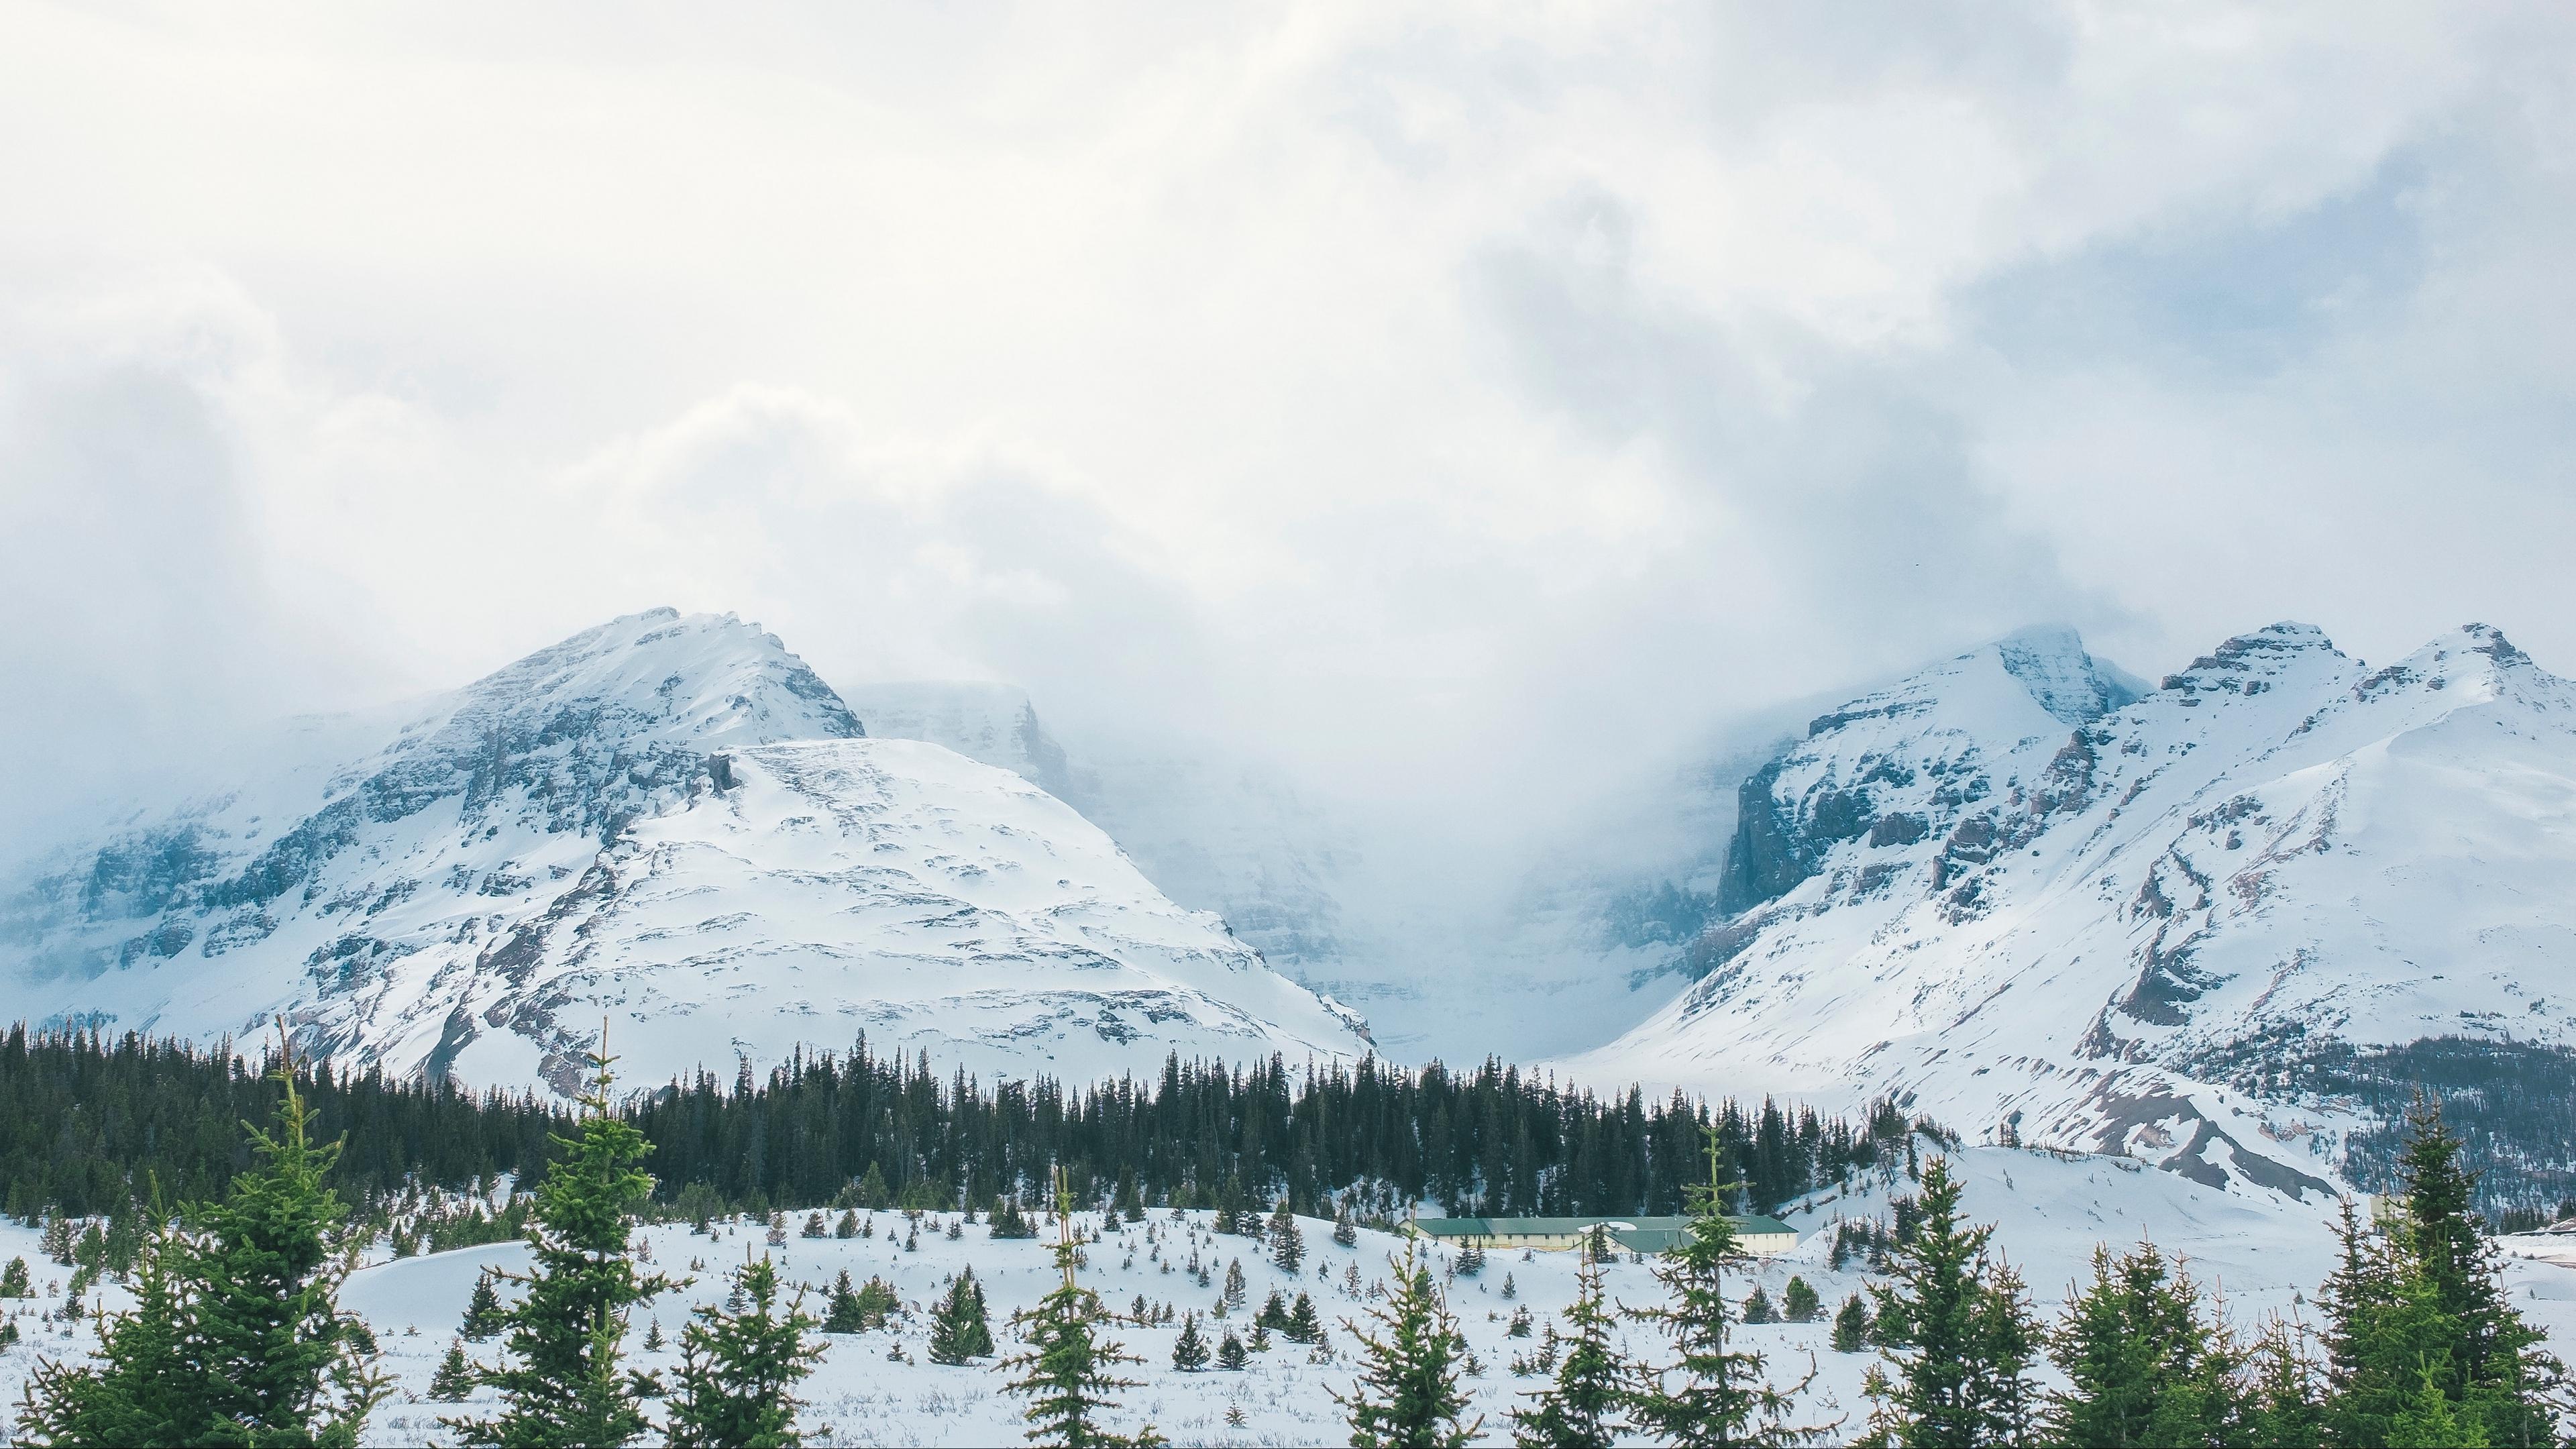 mountains snow peaks trees fog 4k 1541116472 - mountains, snow, peaks, trees, fog 4k - Snow, Peaks, Mountains